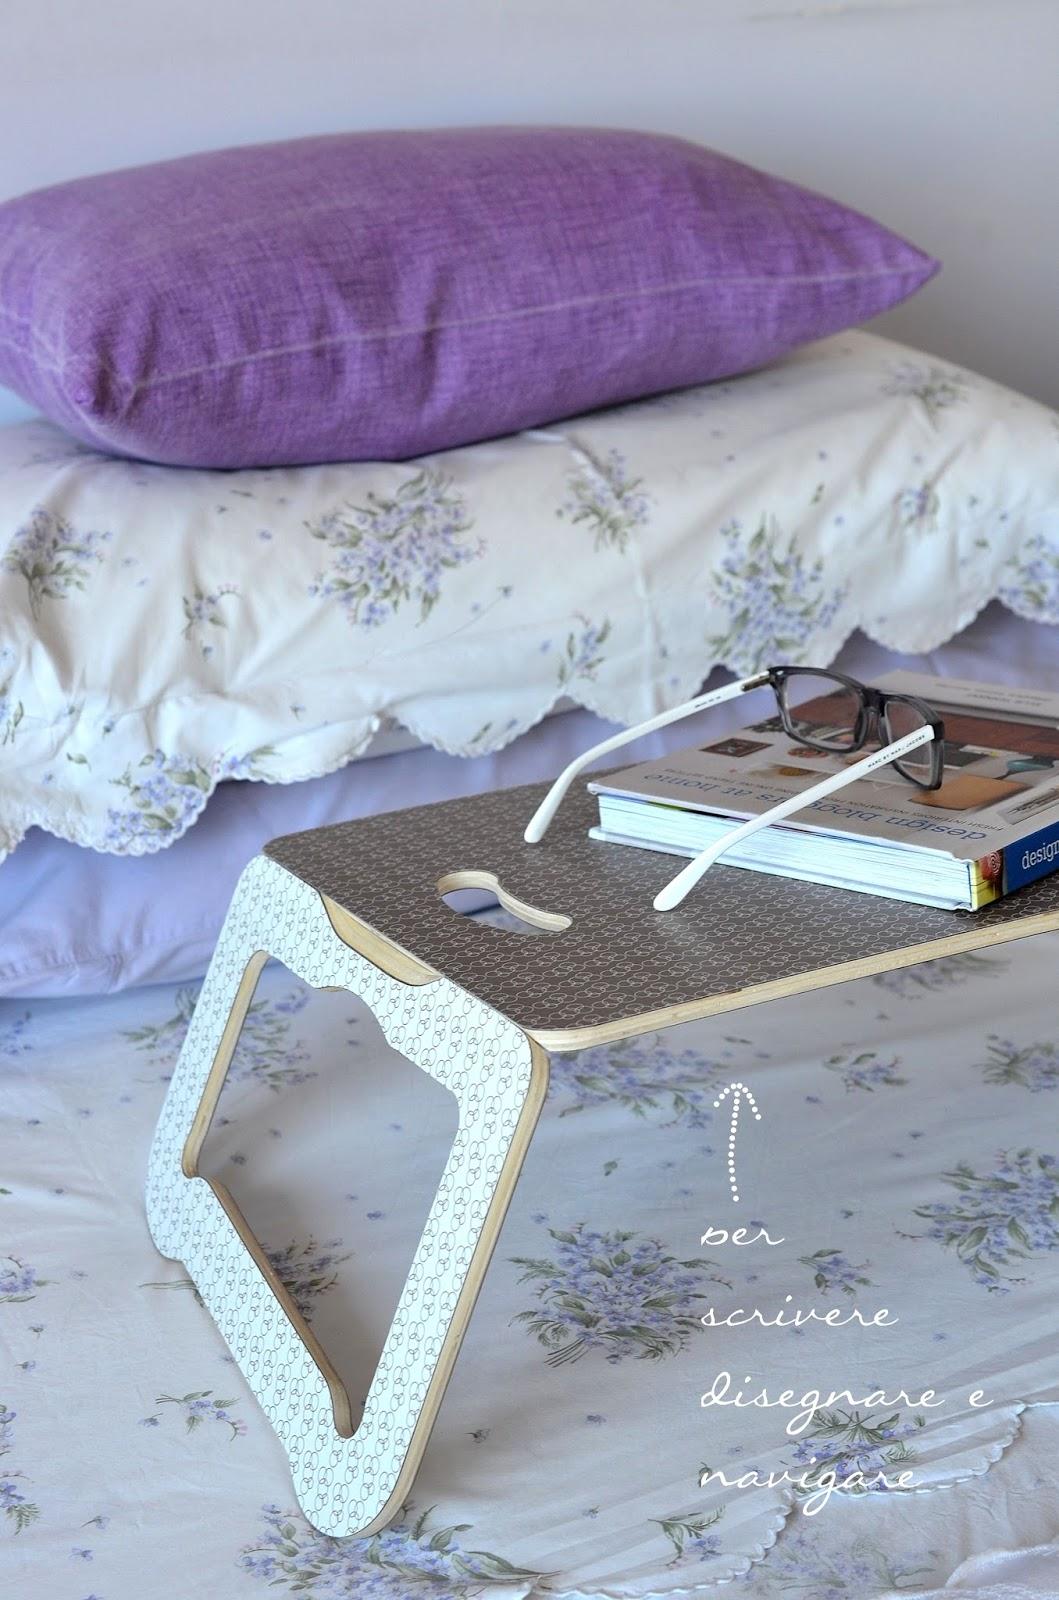 Linfa creativa nuance lilla per la mia camera da letto - La mia camera da letto ...